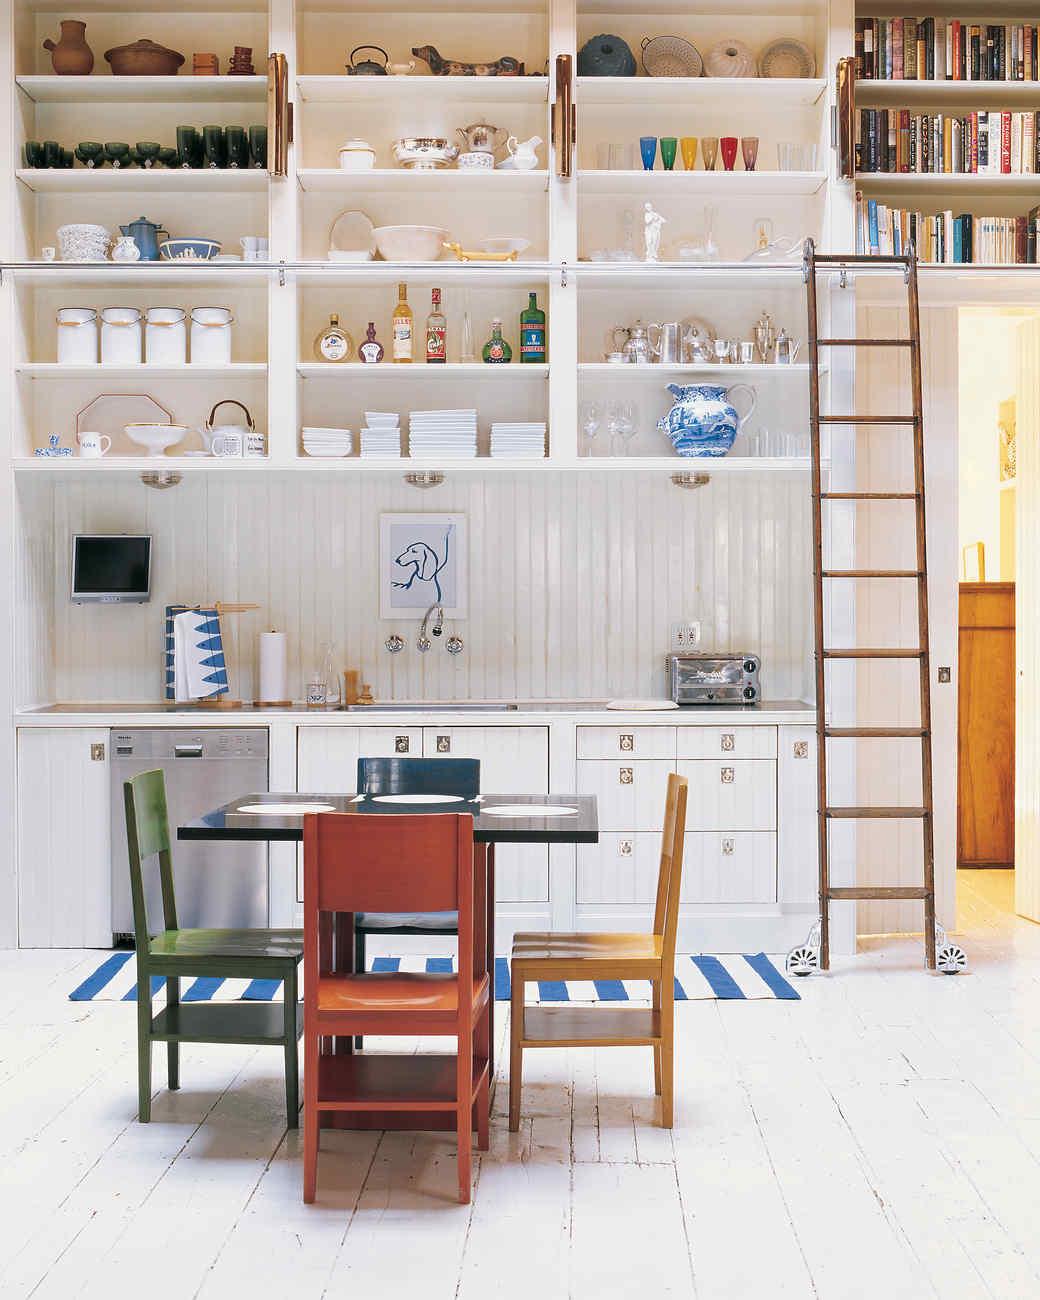 mla103722_0908_kitchen.jpg